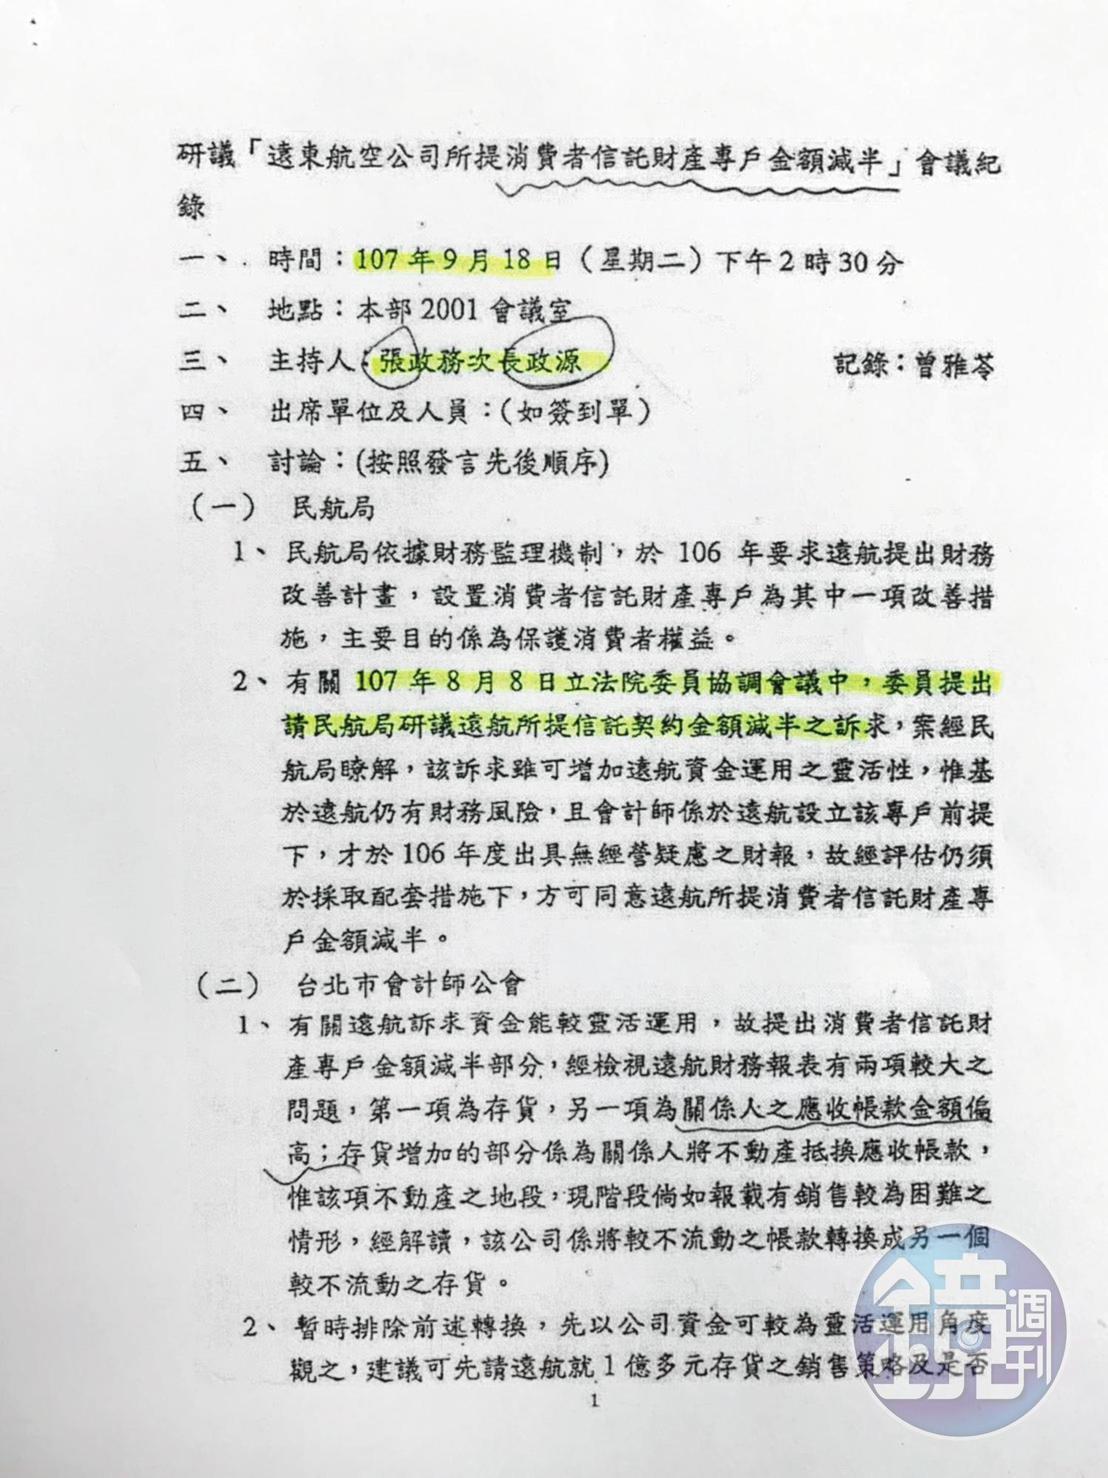 立委鄭寶清為遠航信託專戶事項召開會議,結論達成金額減半議案,並送交通部研議。